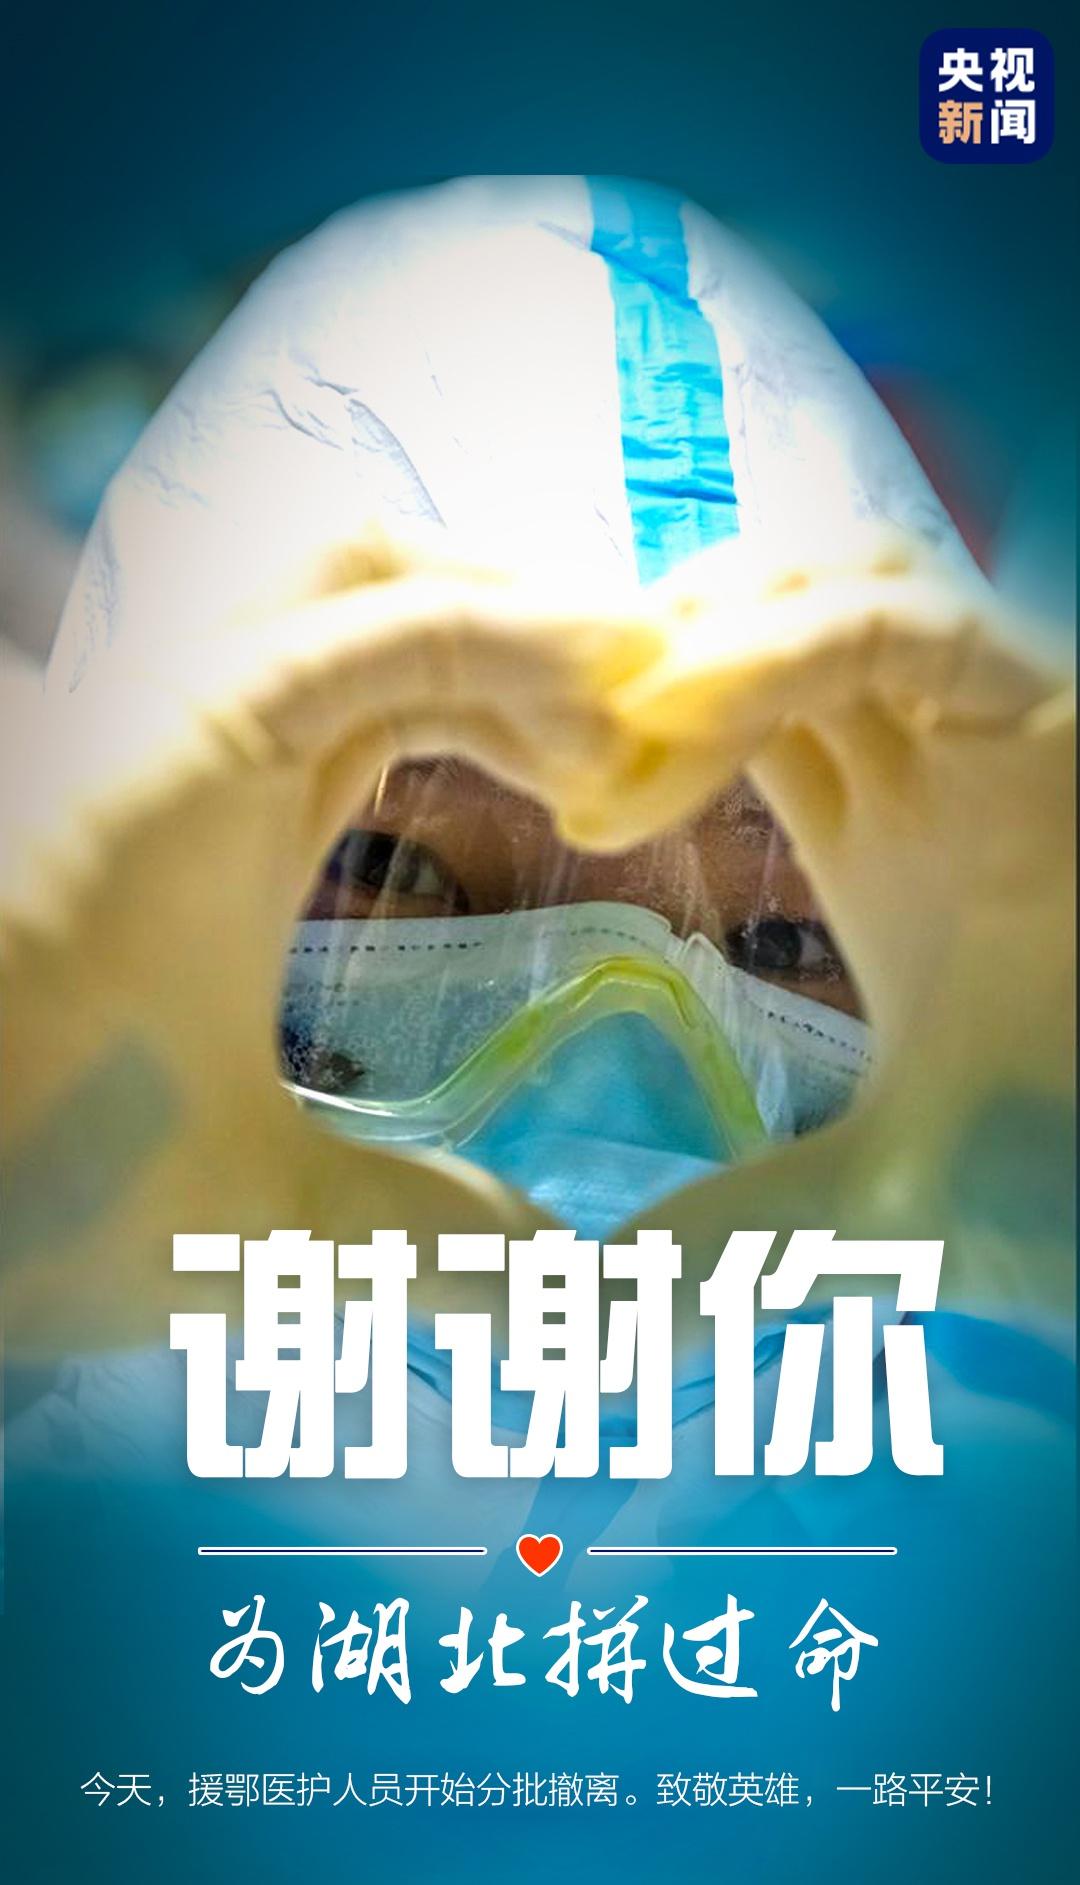 """""""谢谢你为湖北拼过命"""" 各地医疗队开始有序撤离图片"""